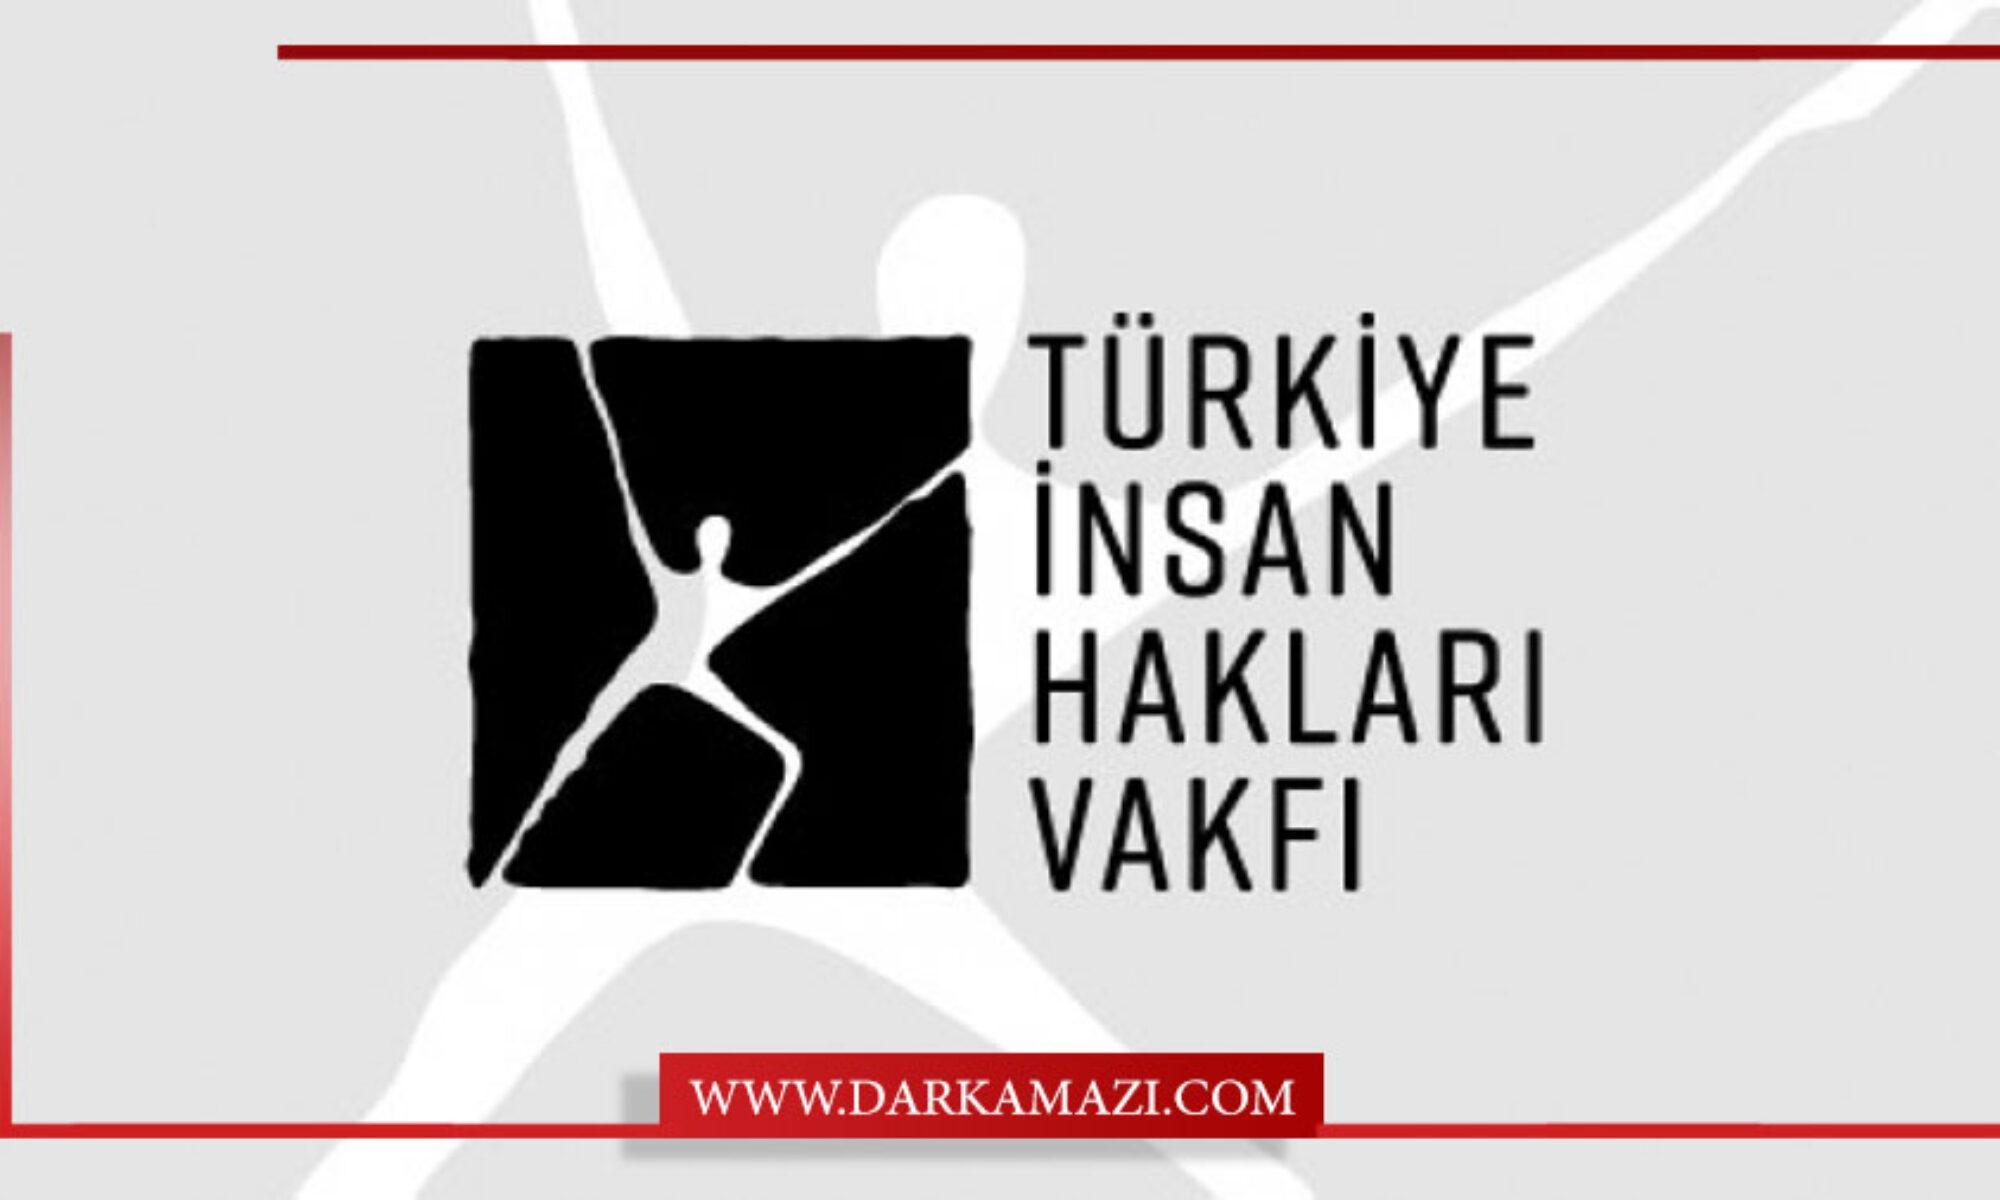 THİV Raporu: İşkence gören en küçük çocuk 3 yaşında, işkence gören çocukların tamamının ana dili Kürtçe